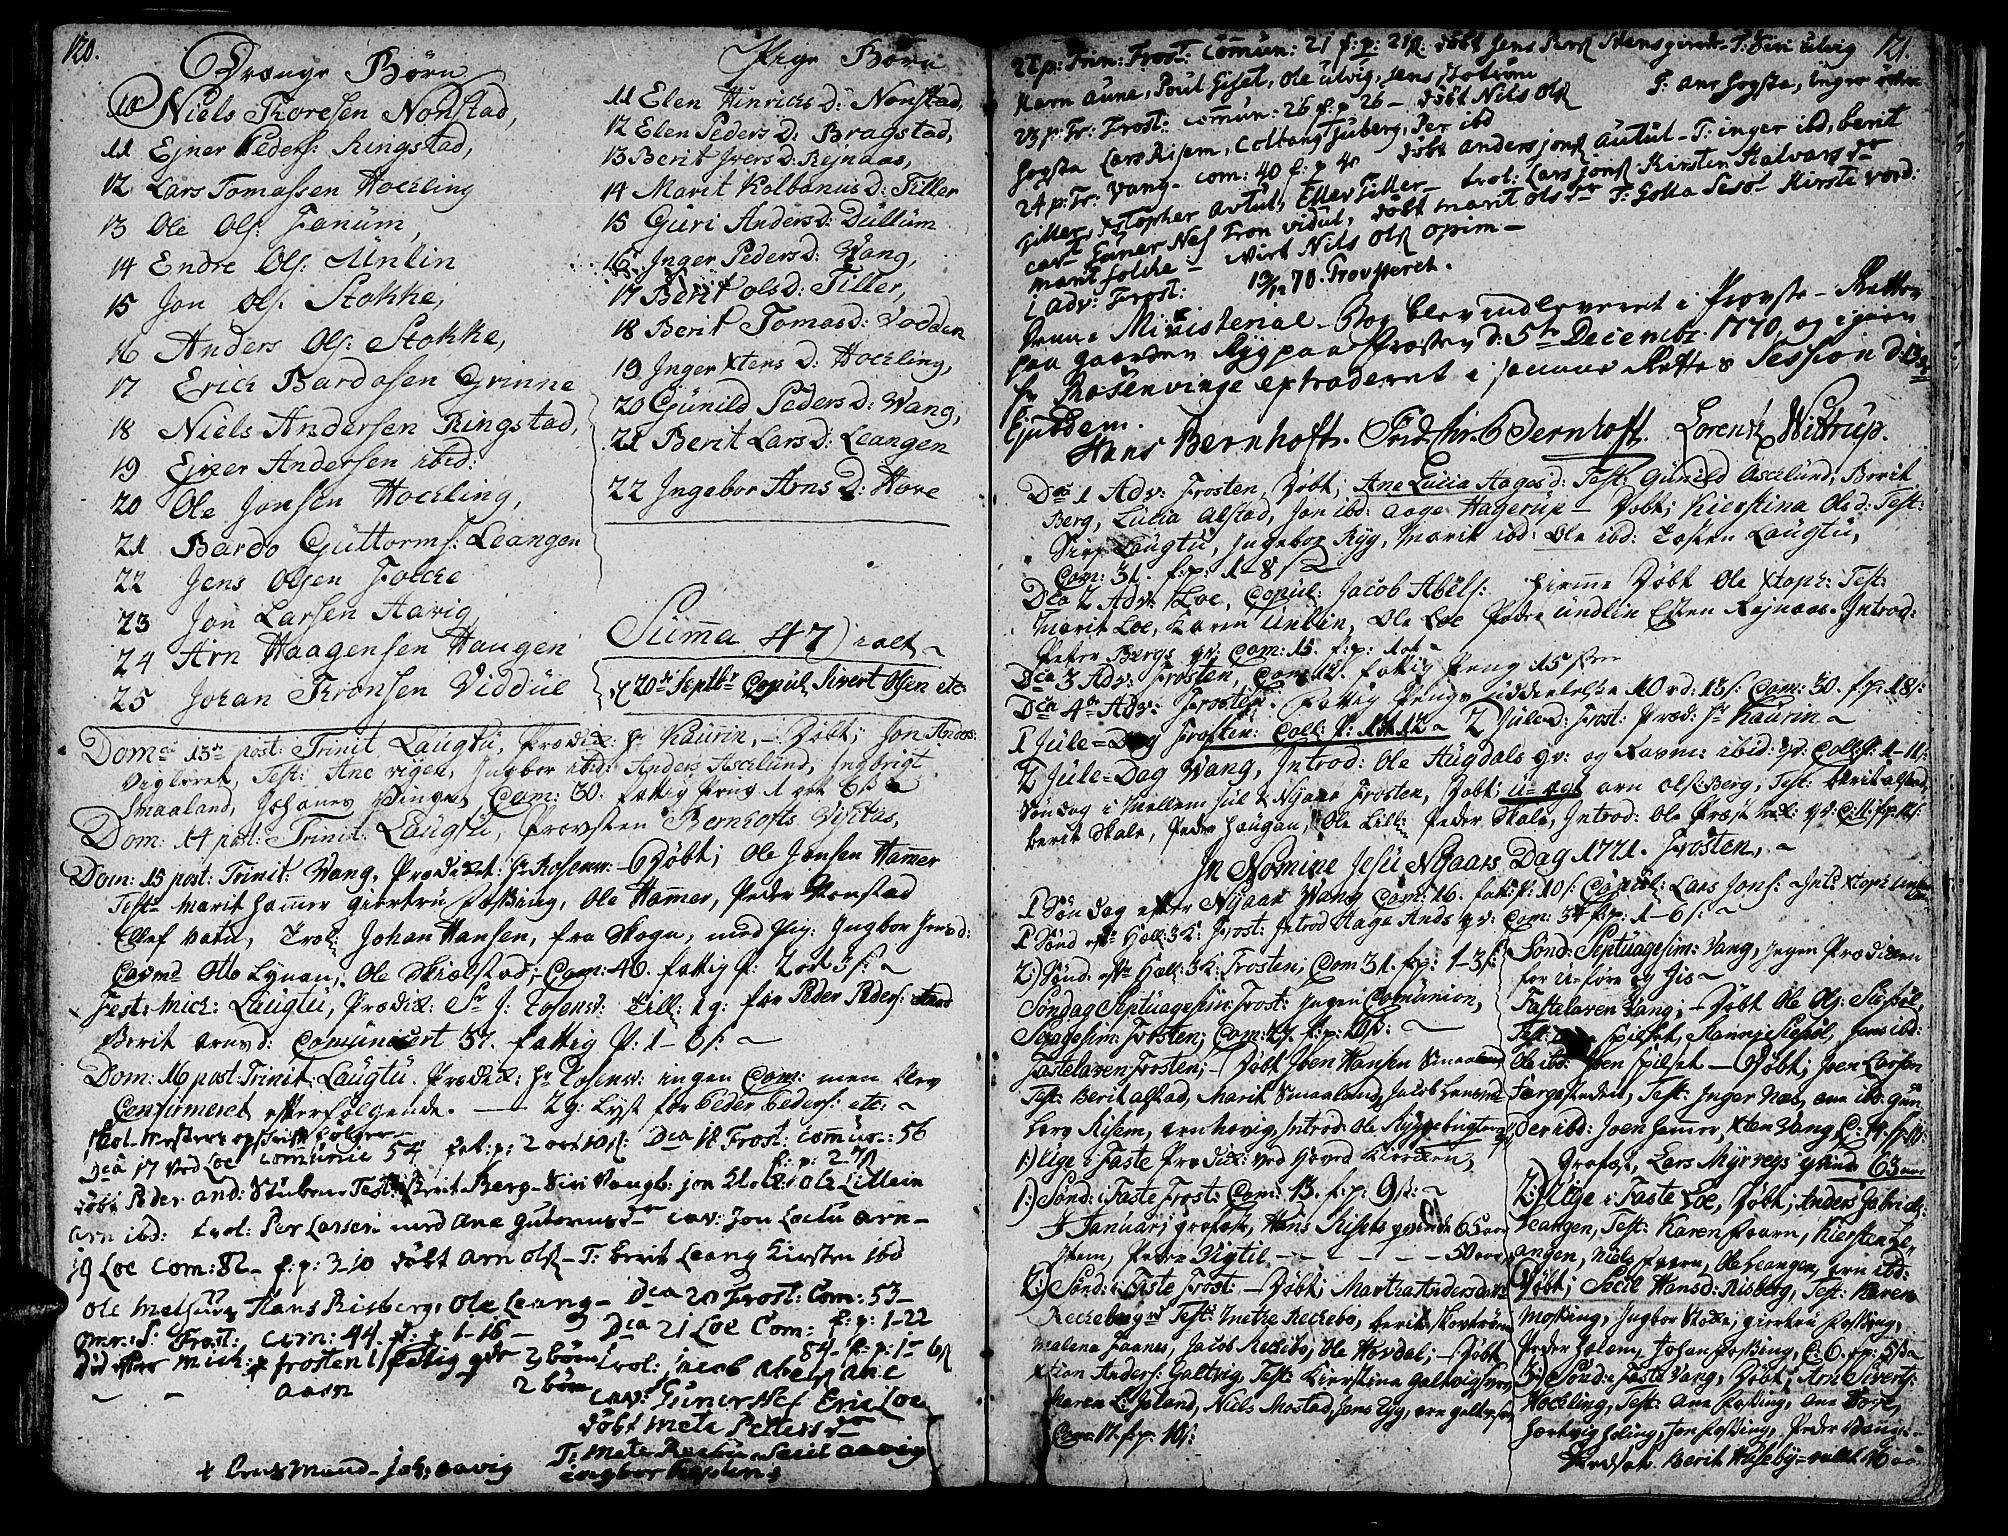 SAT, Ministerialprotokoller, klokkerbøker og fødselsregistre - Nord-Trøndelag, 713/L0109: Ministerialbok nr. 713A01, 1750-1778, s. 120-121